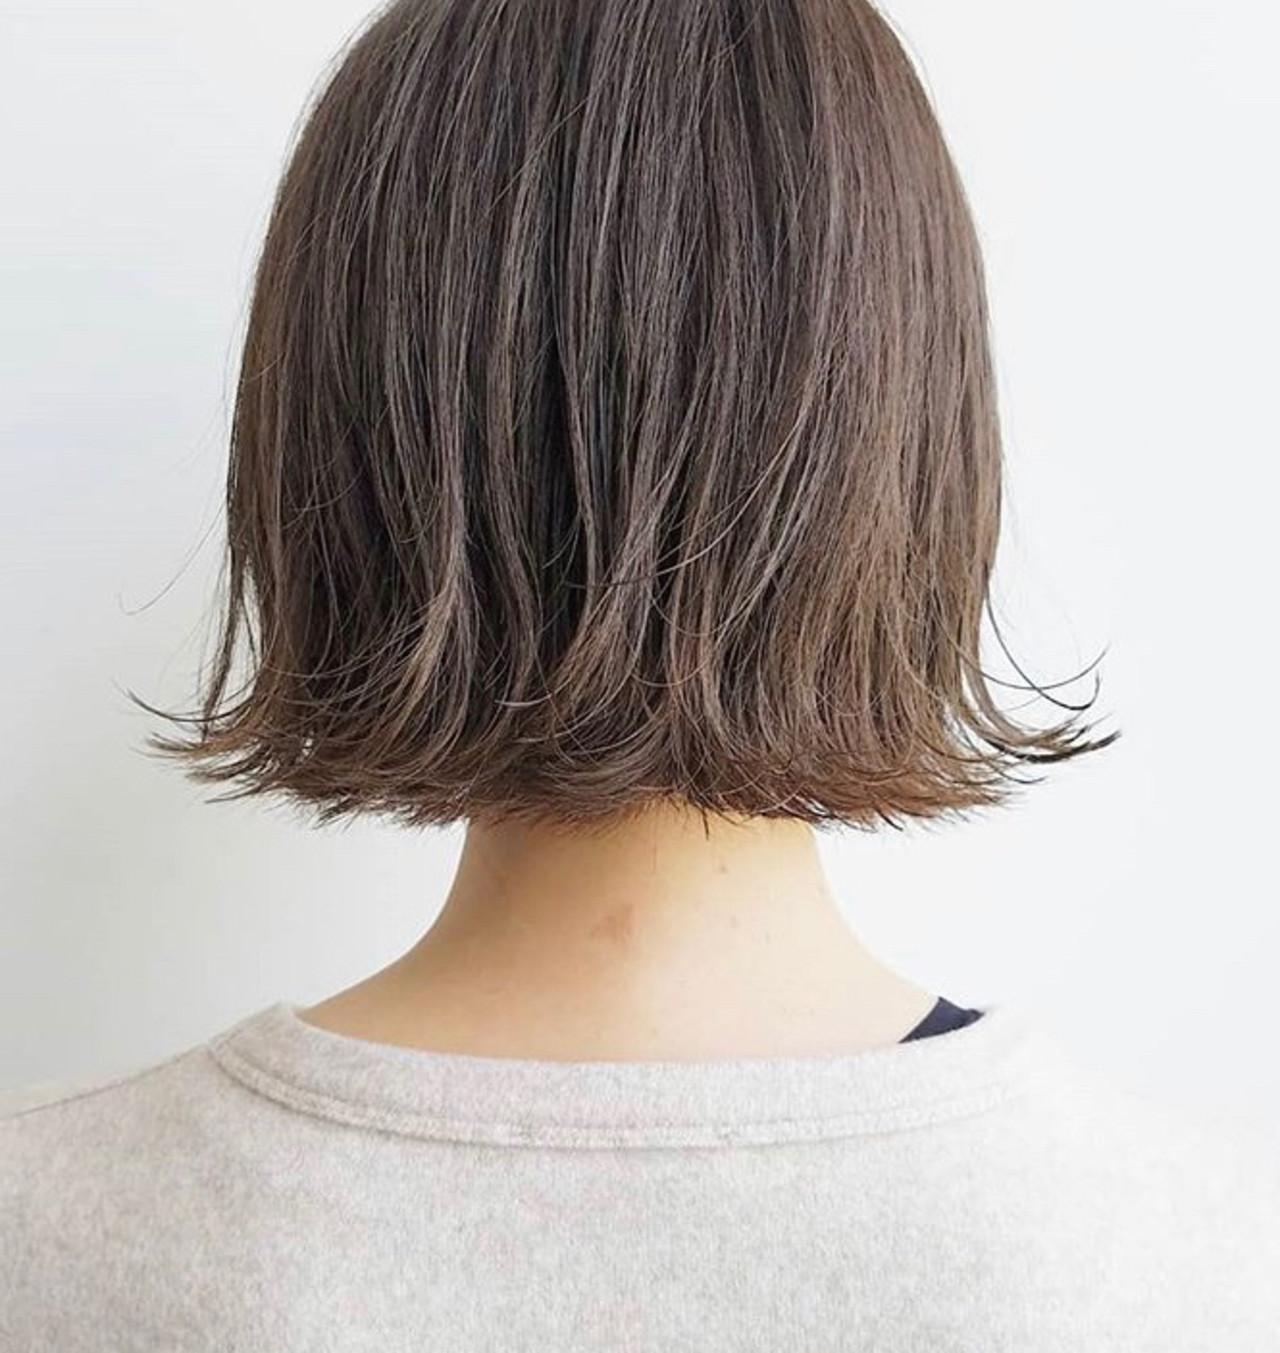 ミルクティーベージュ ミルクティーアッシュ ボブ ミルクティーグレージュ ヘアスタイルや髪型の写真・画像